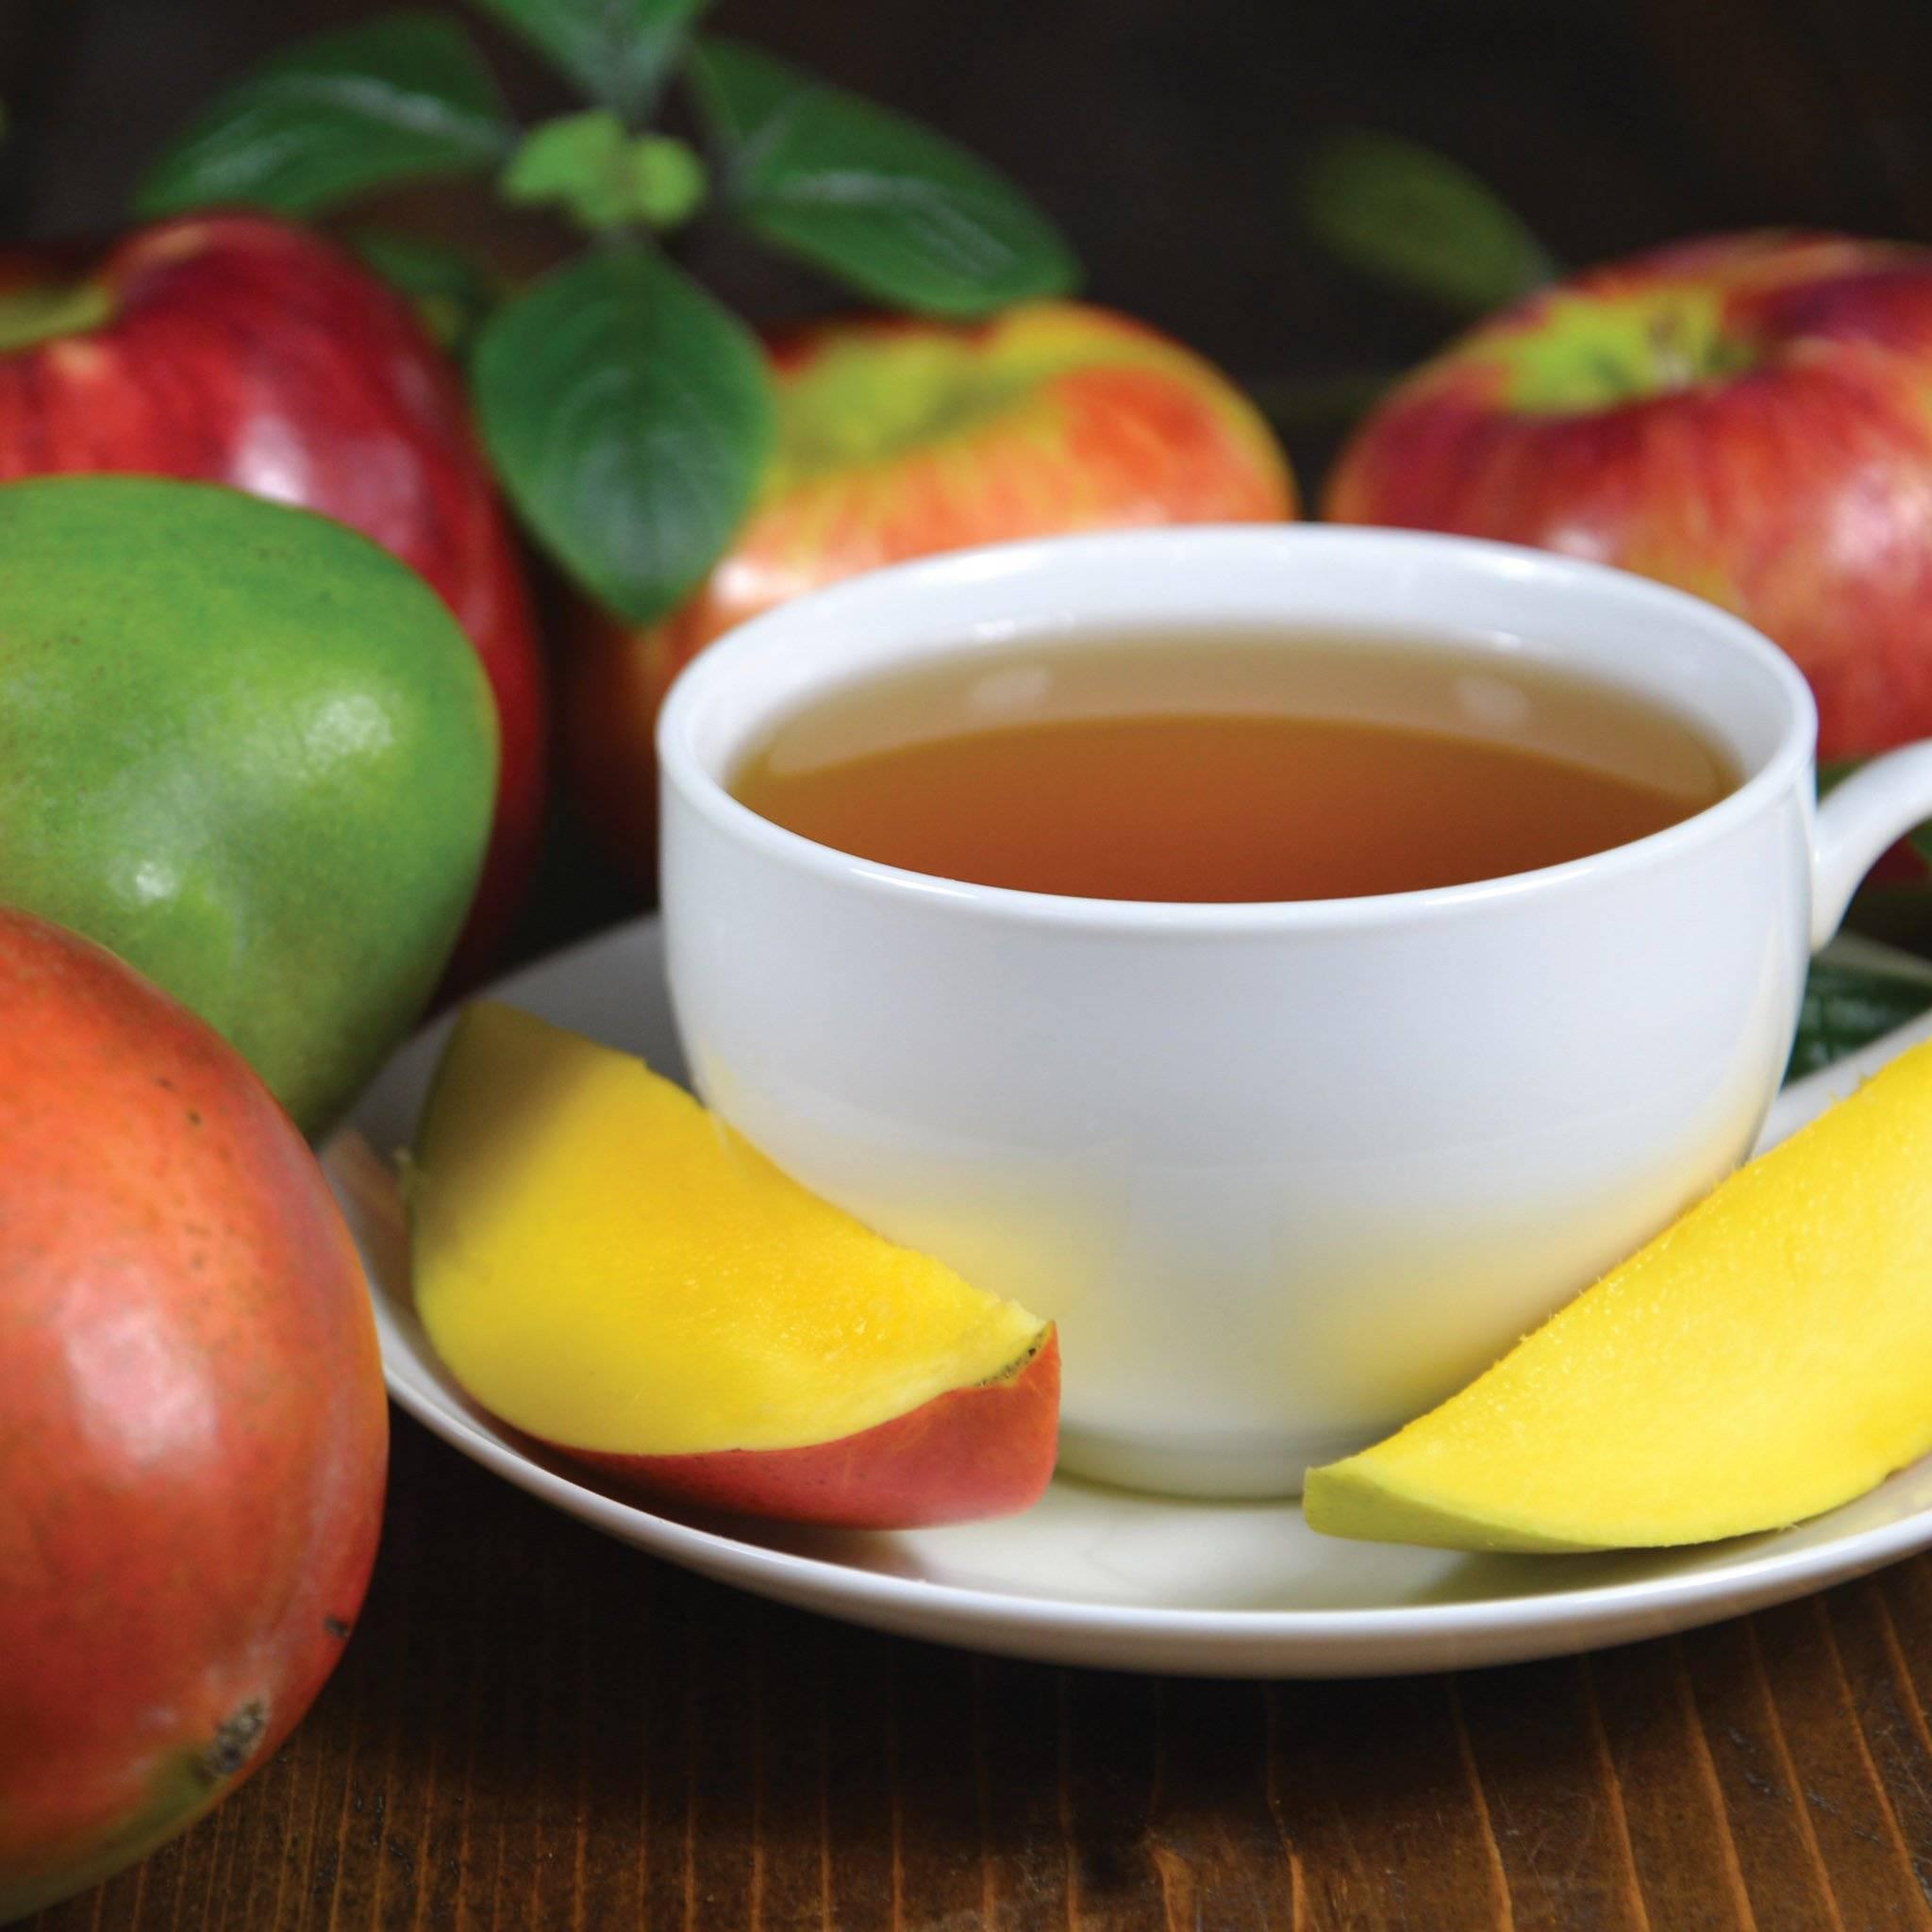 Чай с манго зеленый: рецепт и полезные свойства